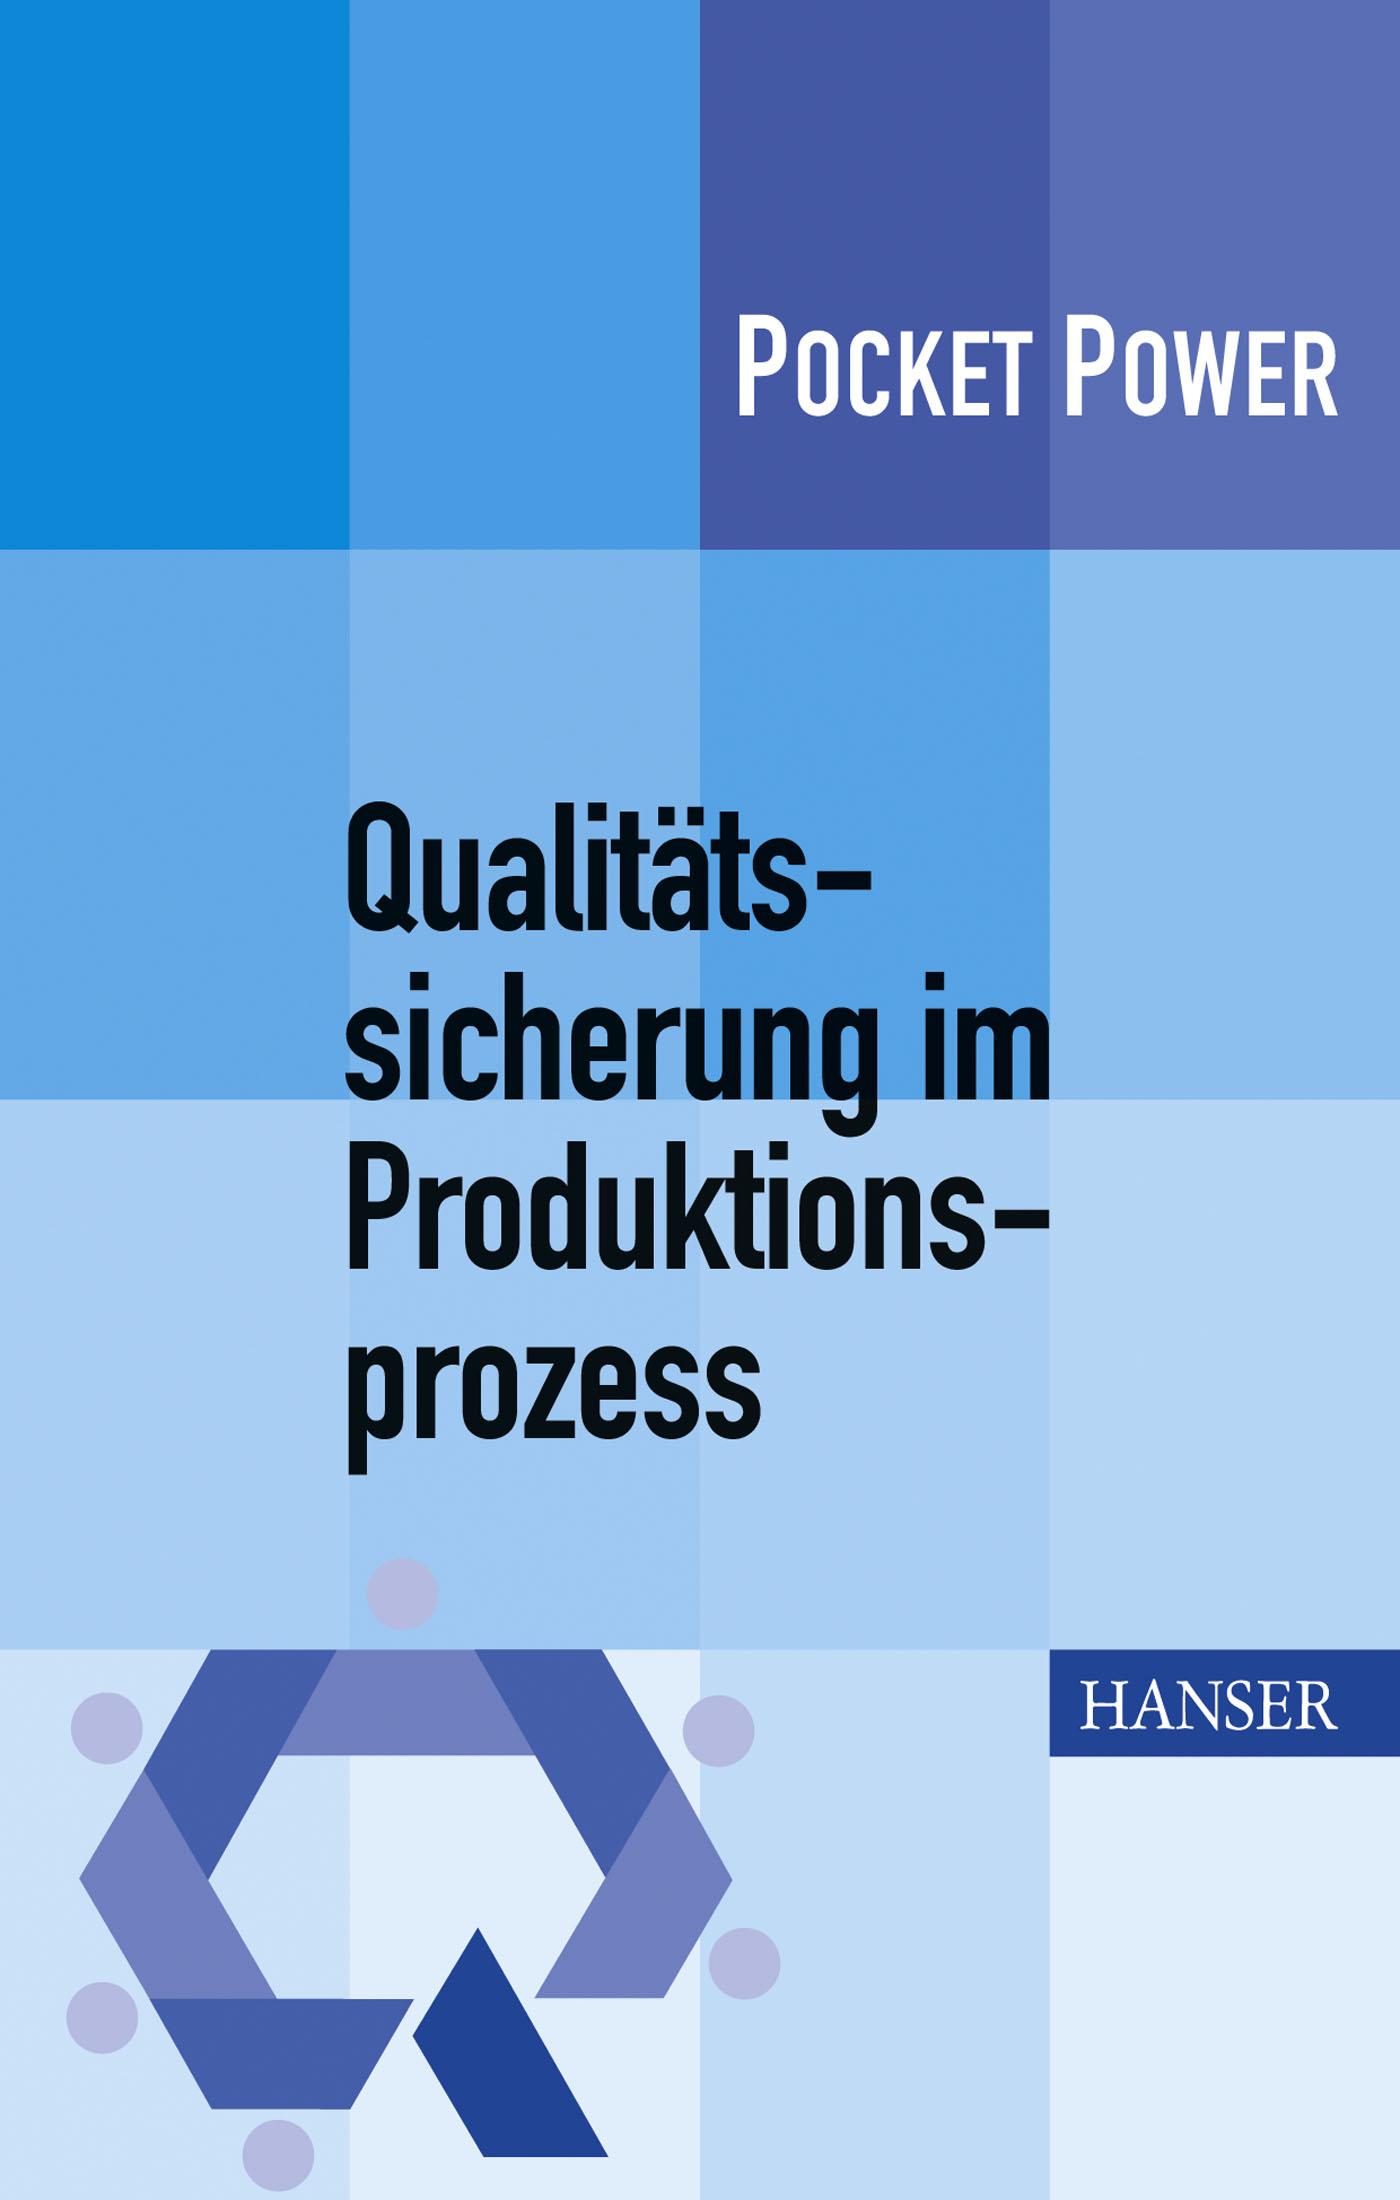 Jung, Schweißer, Wappis, Qualitätssicherung im Produktionsprozess, 978-3-446-43454-7